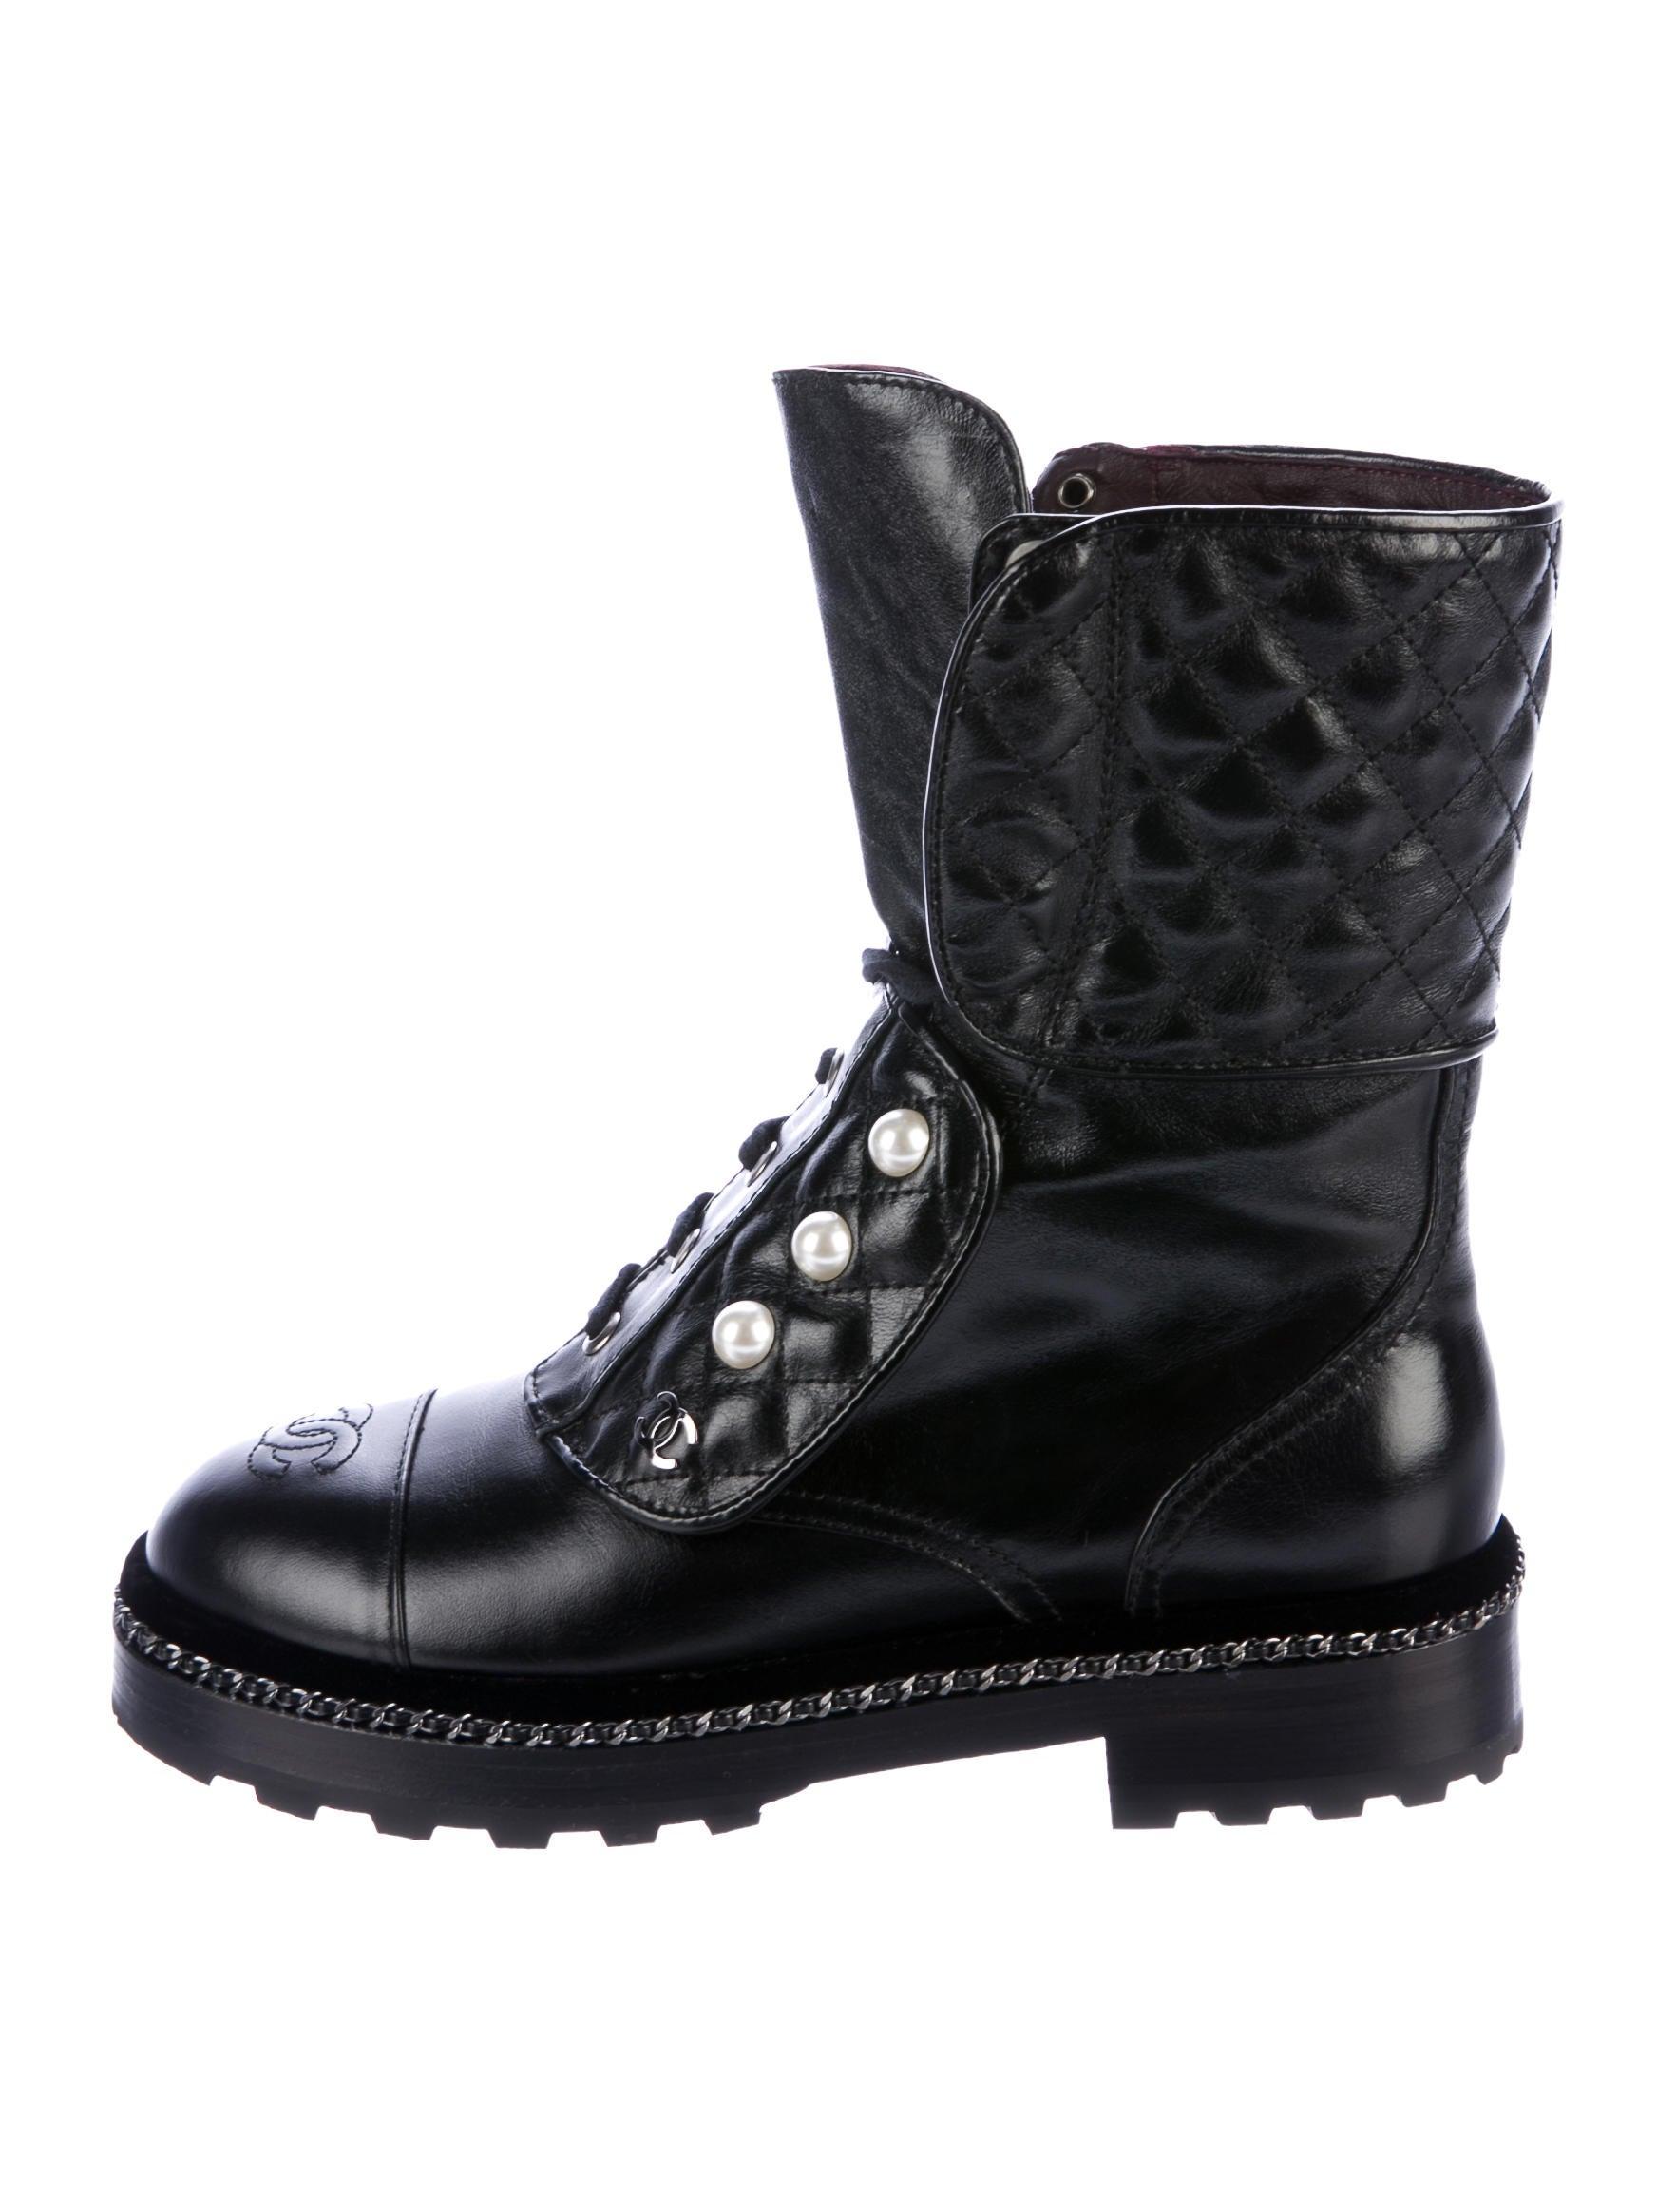 Chanel 2017 CC Combat Boots - Shoes